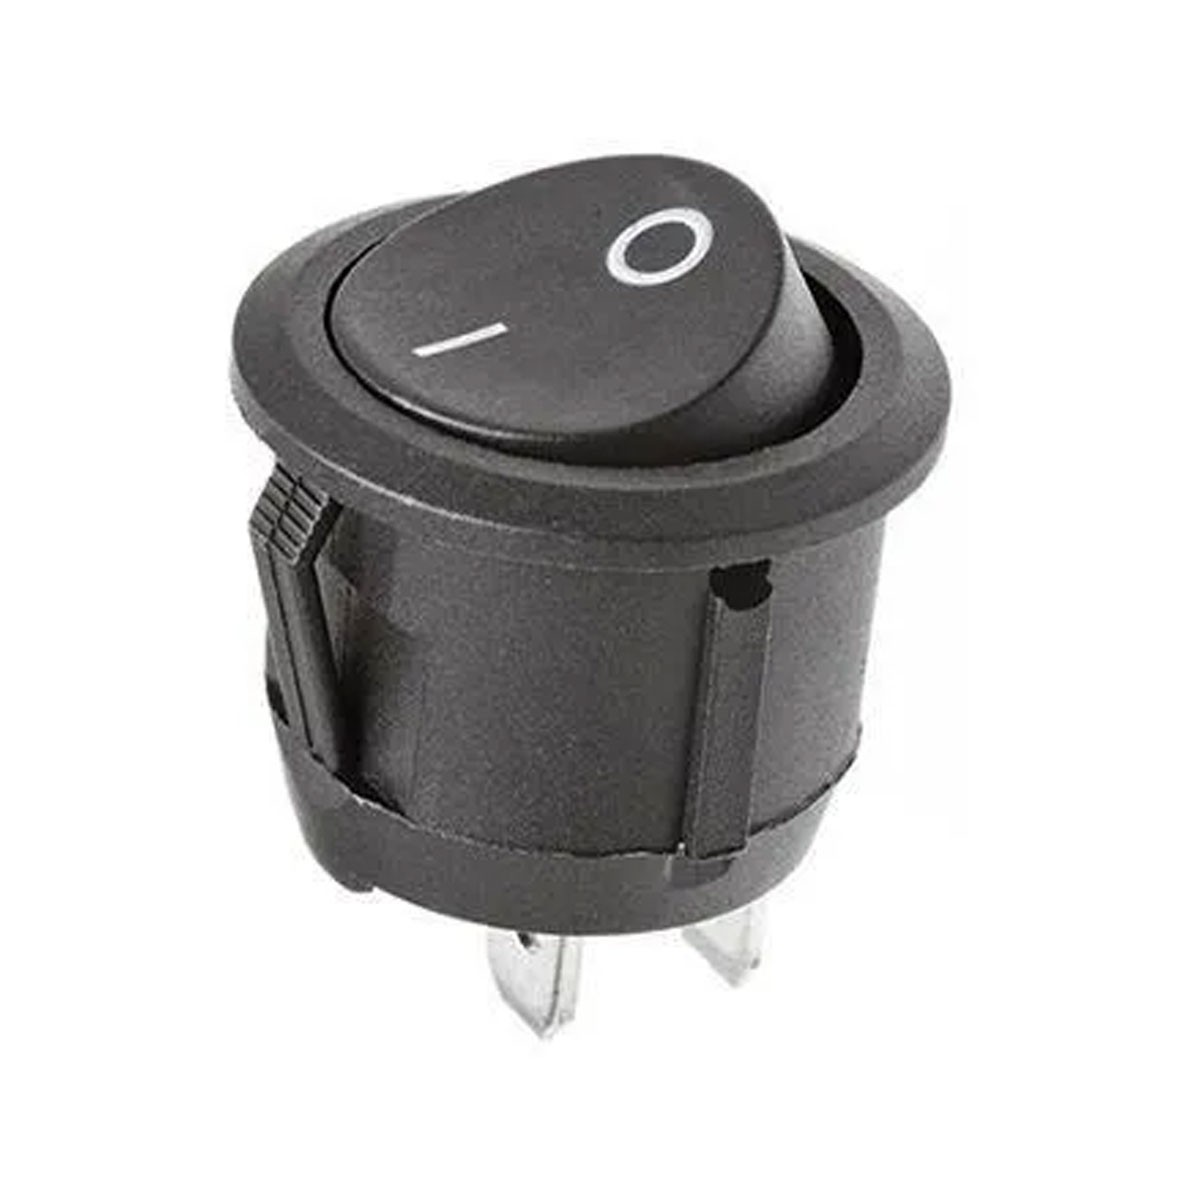 Chave / Botão Tic Tac Redonda Preta On / OFF - 2 Posições 2 Terminais